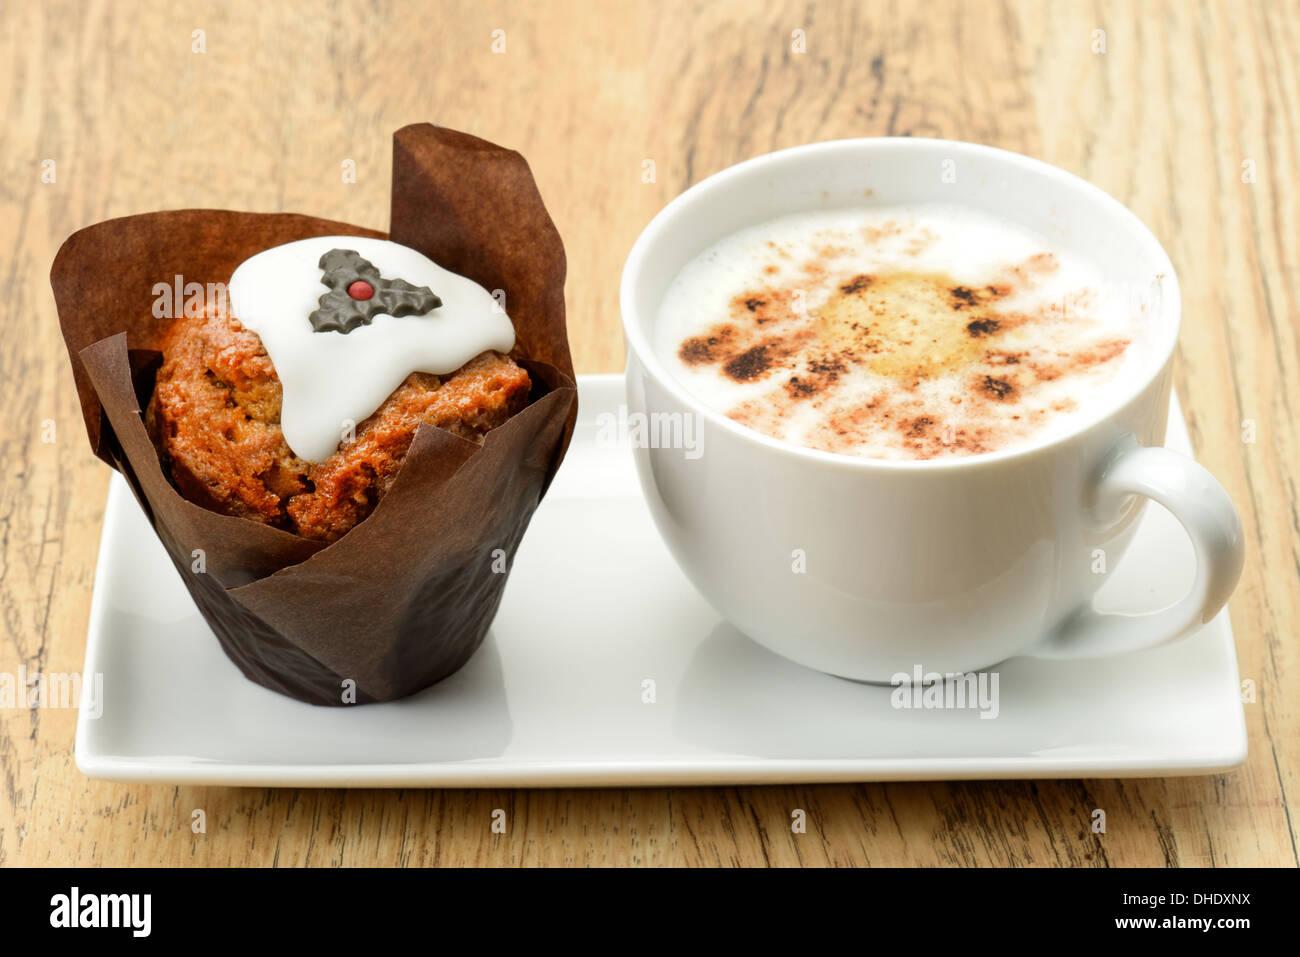 Tortina con un decorato pudding natalizio design e un cappuccino caffè - studio shot Immagini Stock